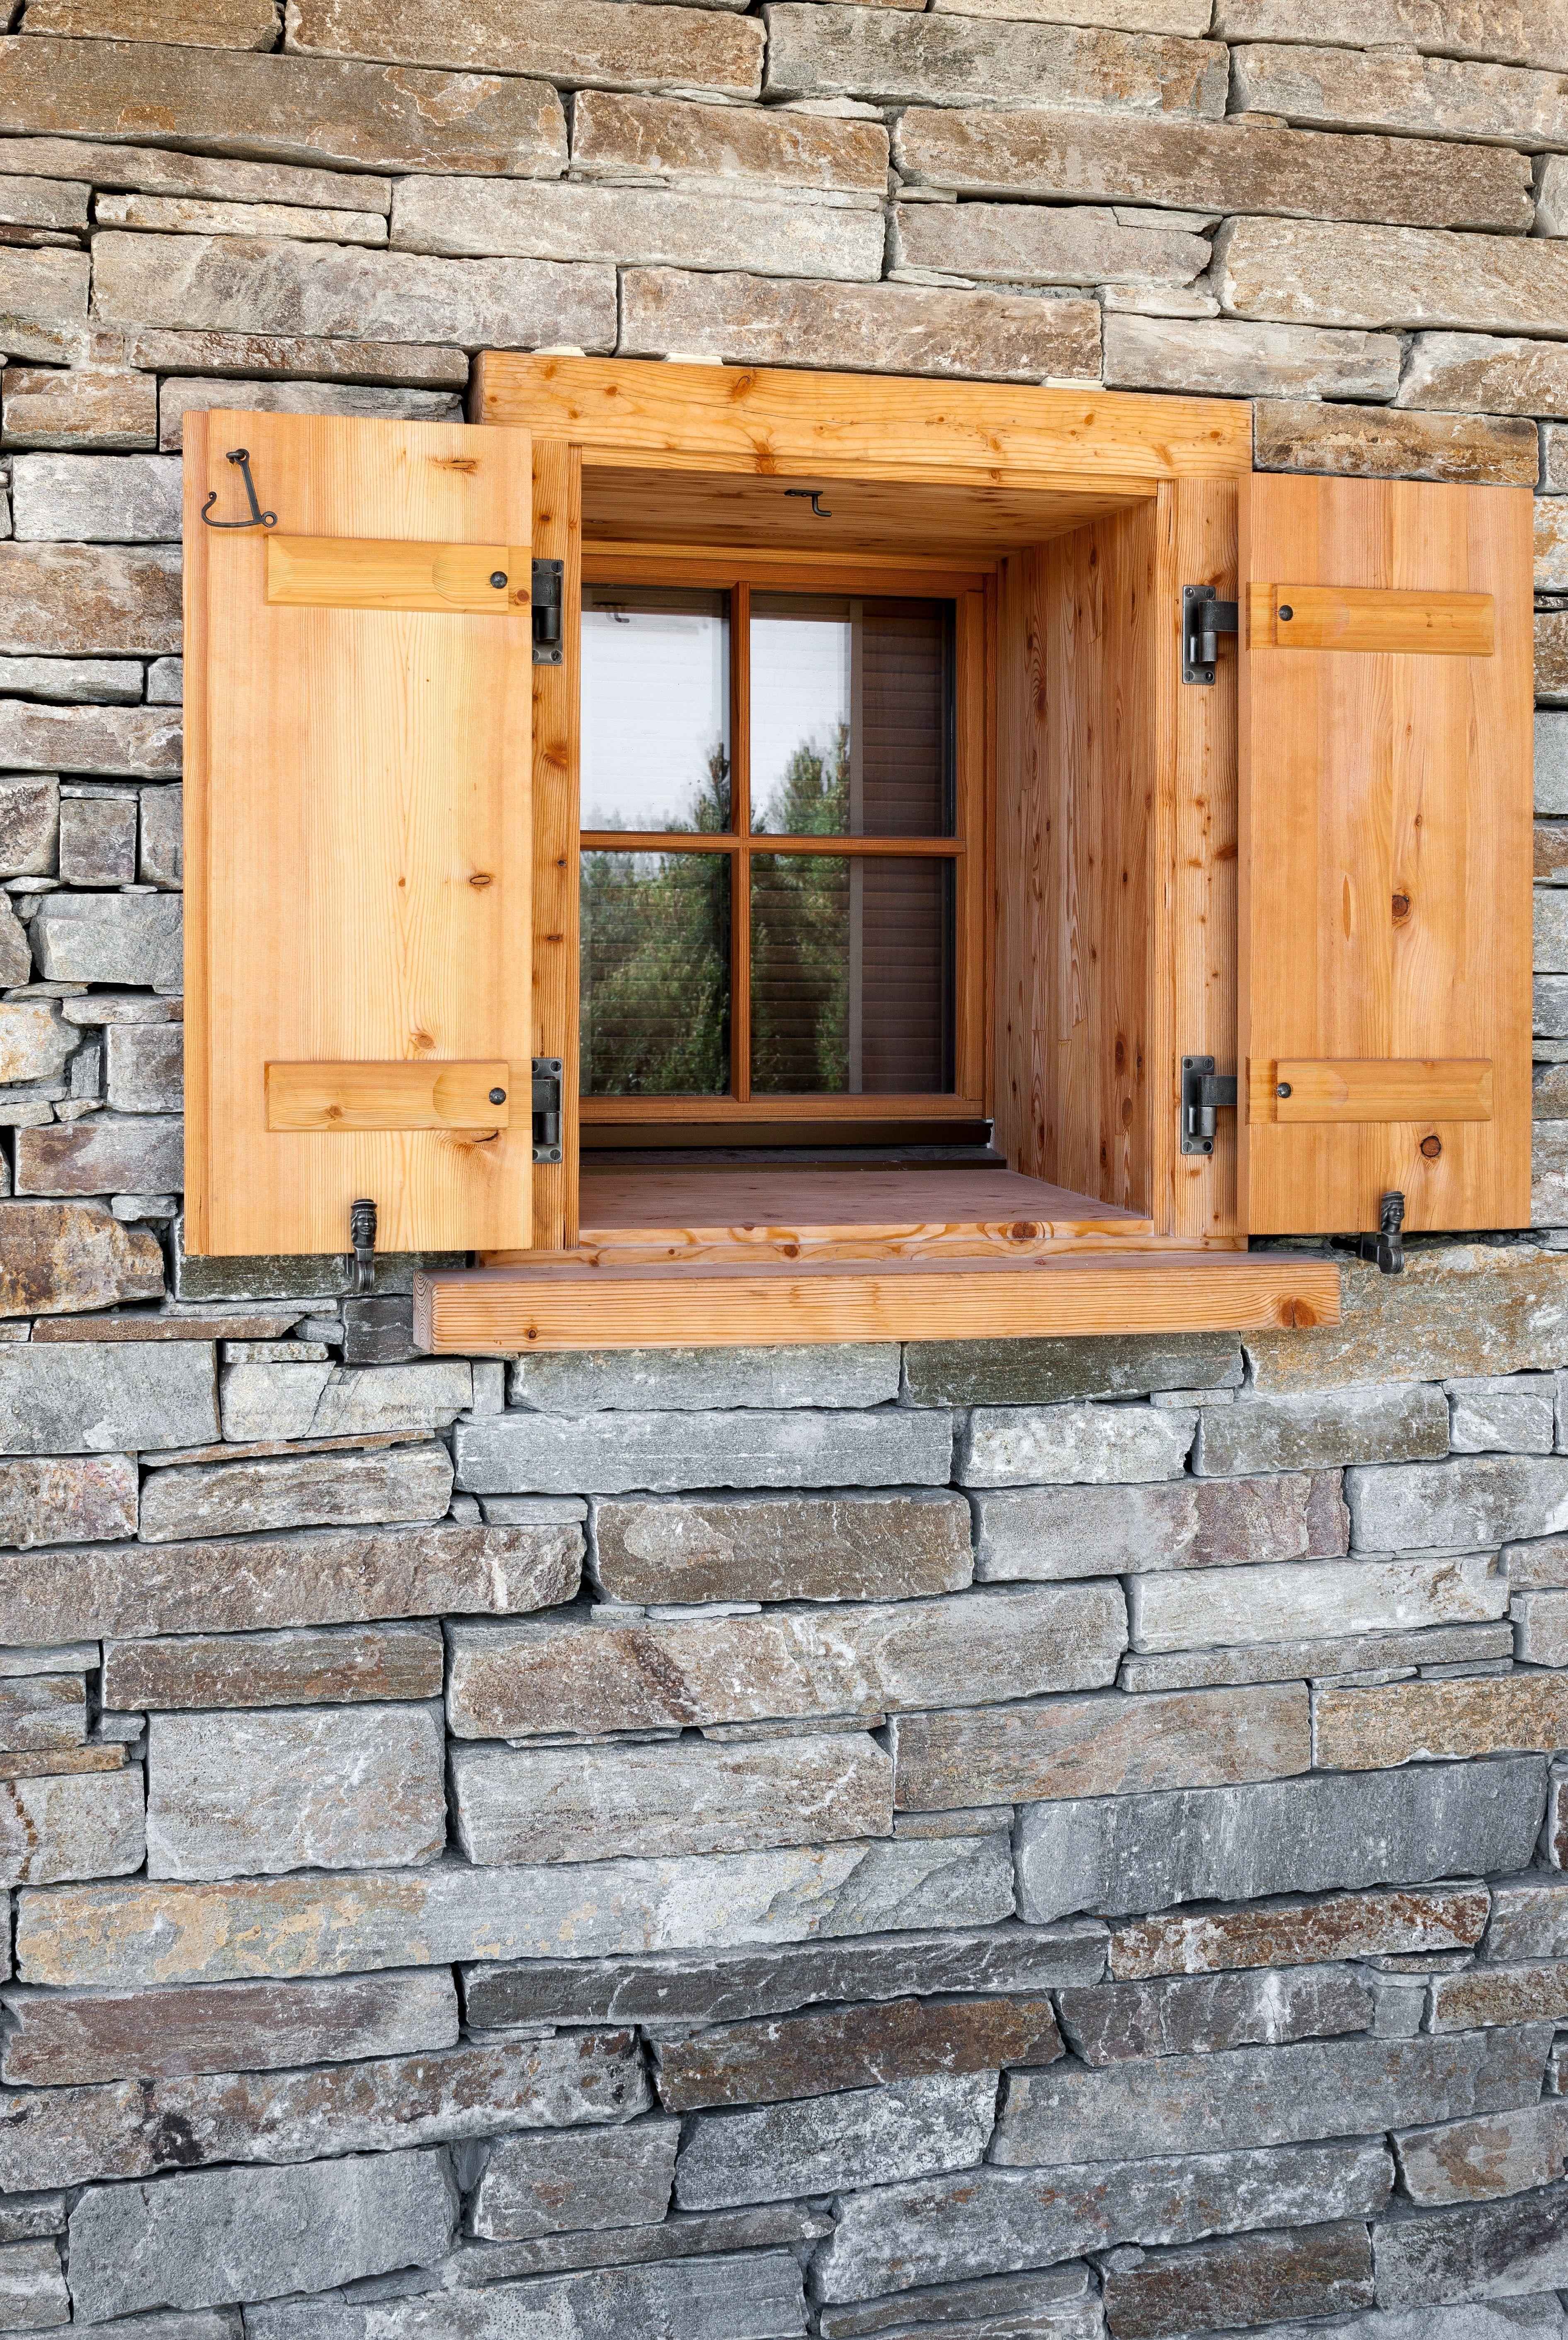 die gew hlten naturmaterialien stein und holz f r die fassadenverkleidung des chalets. Black Bedroom Furniture Sets. Home Design Ideas